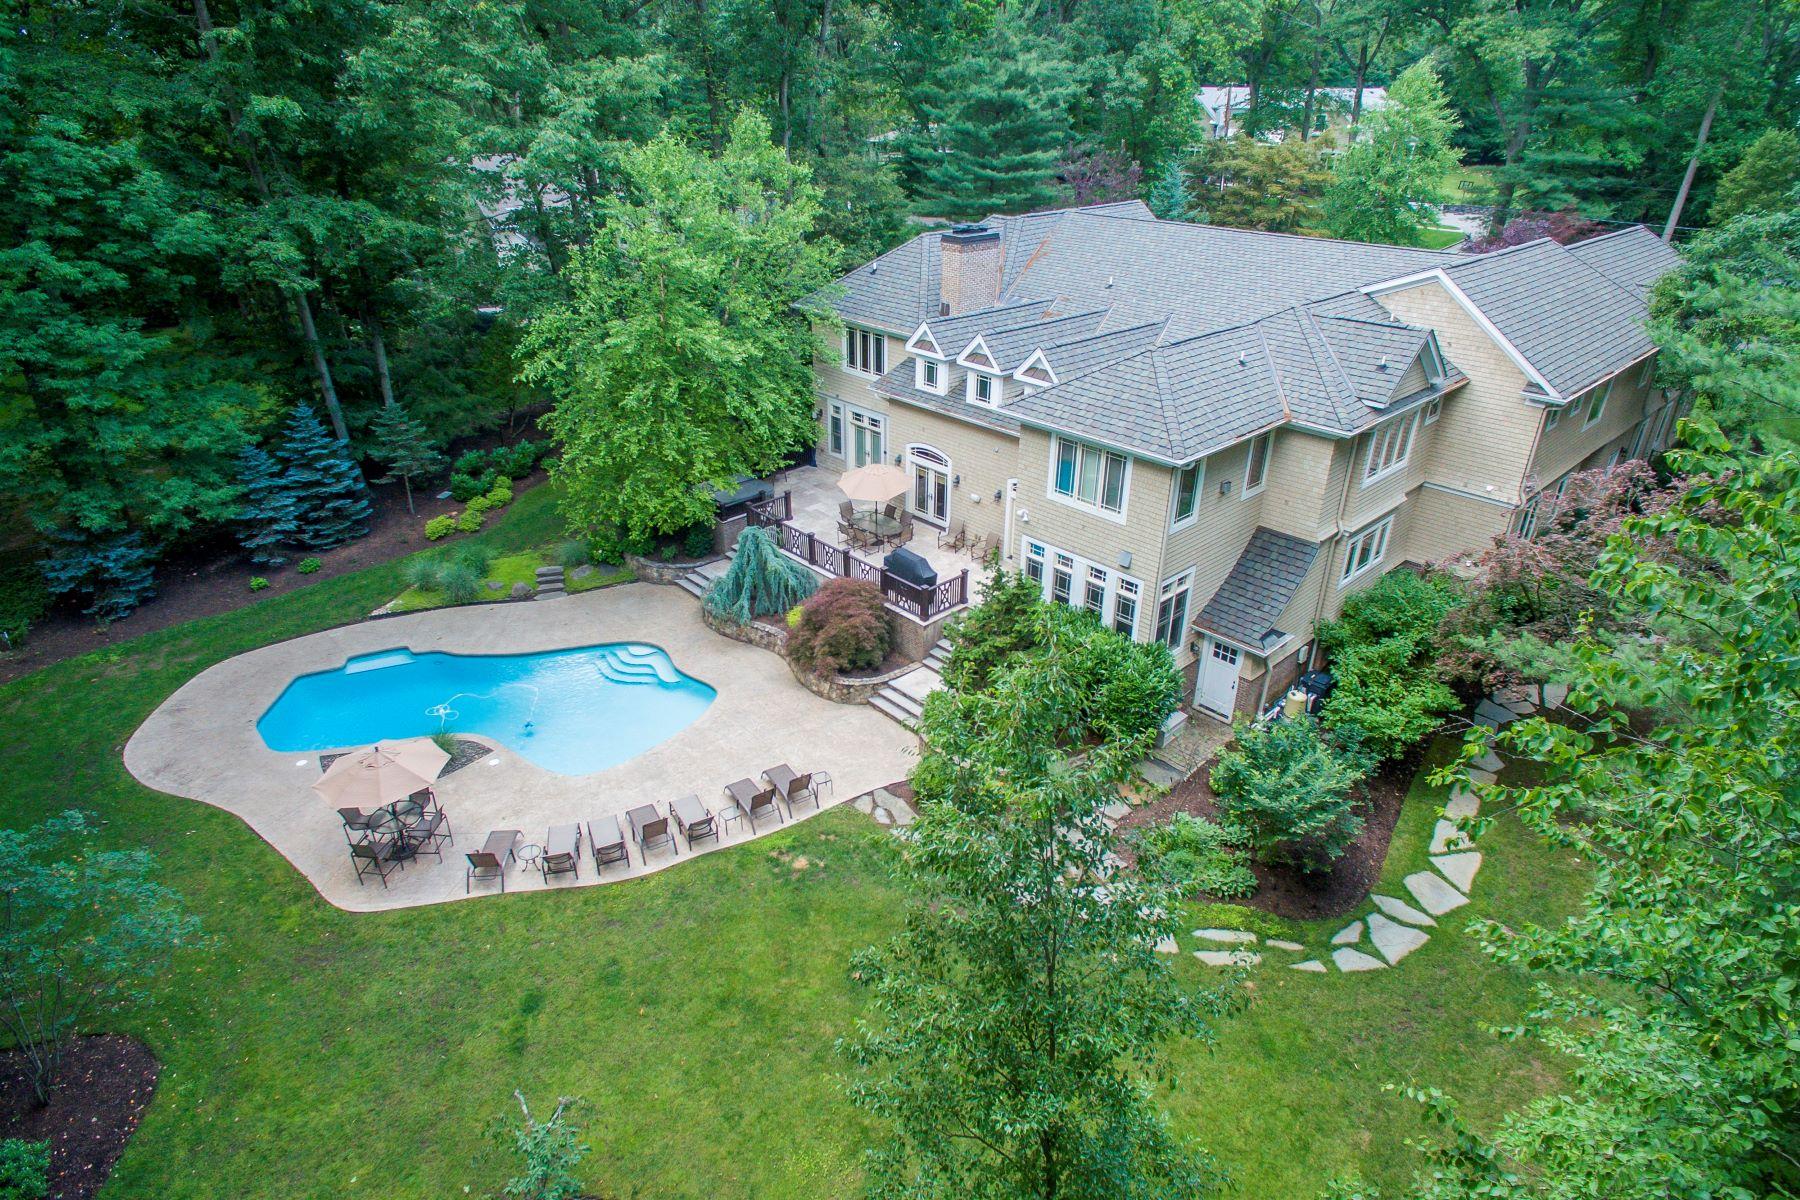 Property For Sale Upper Saddle River